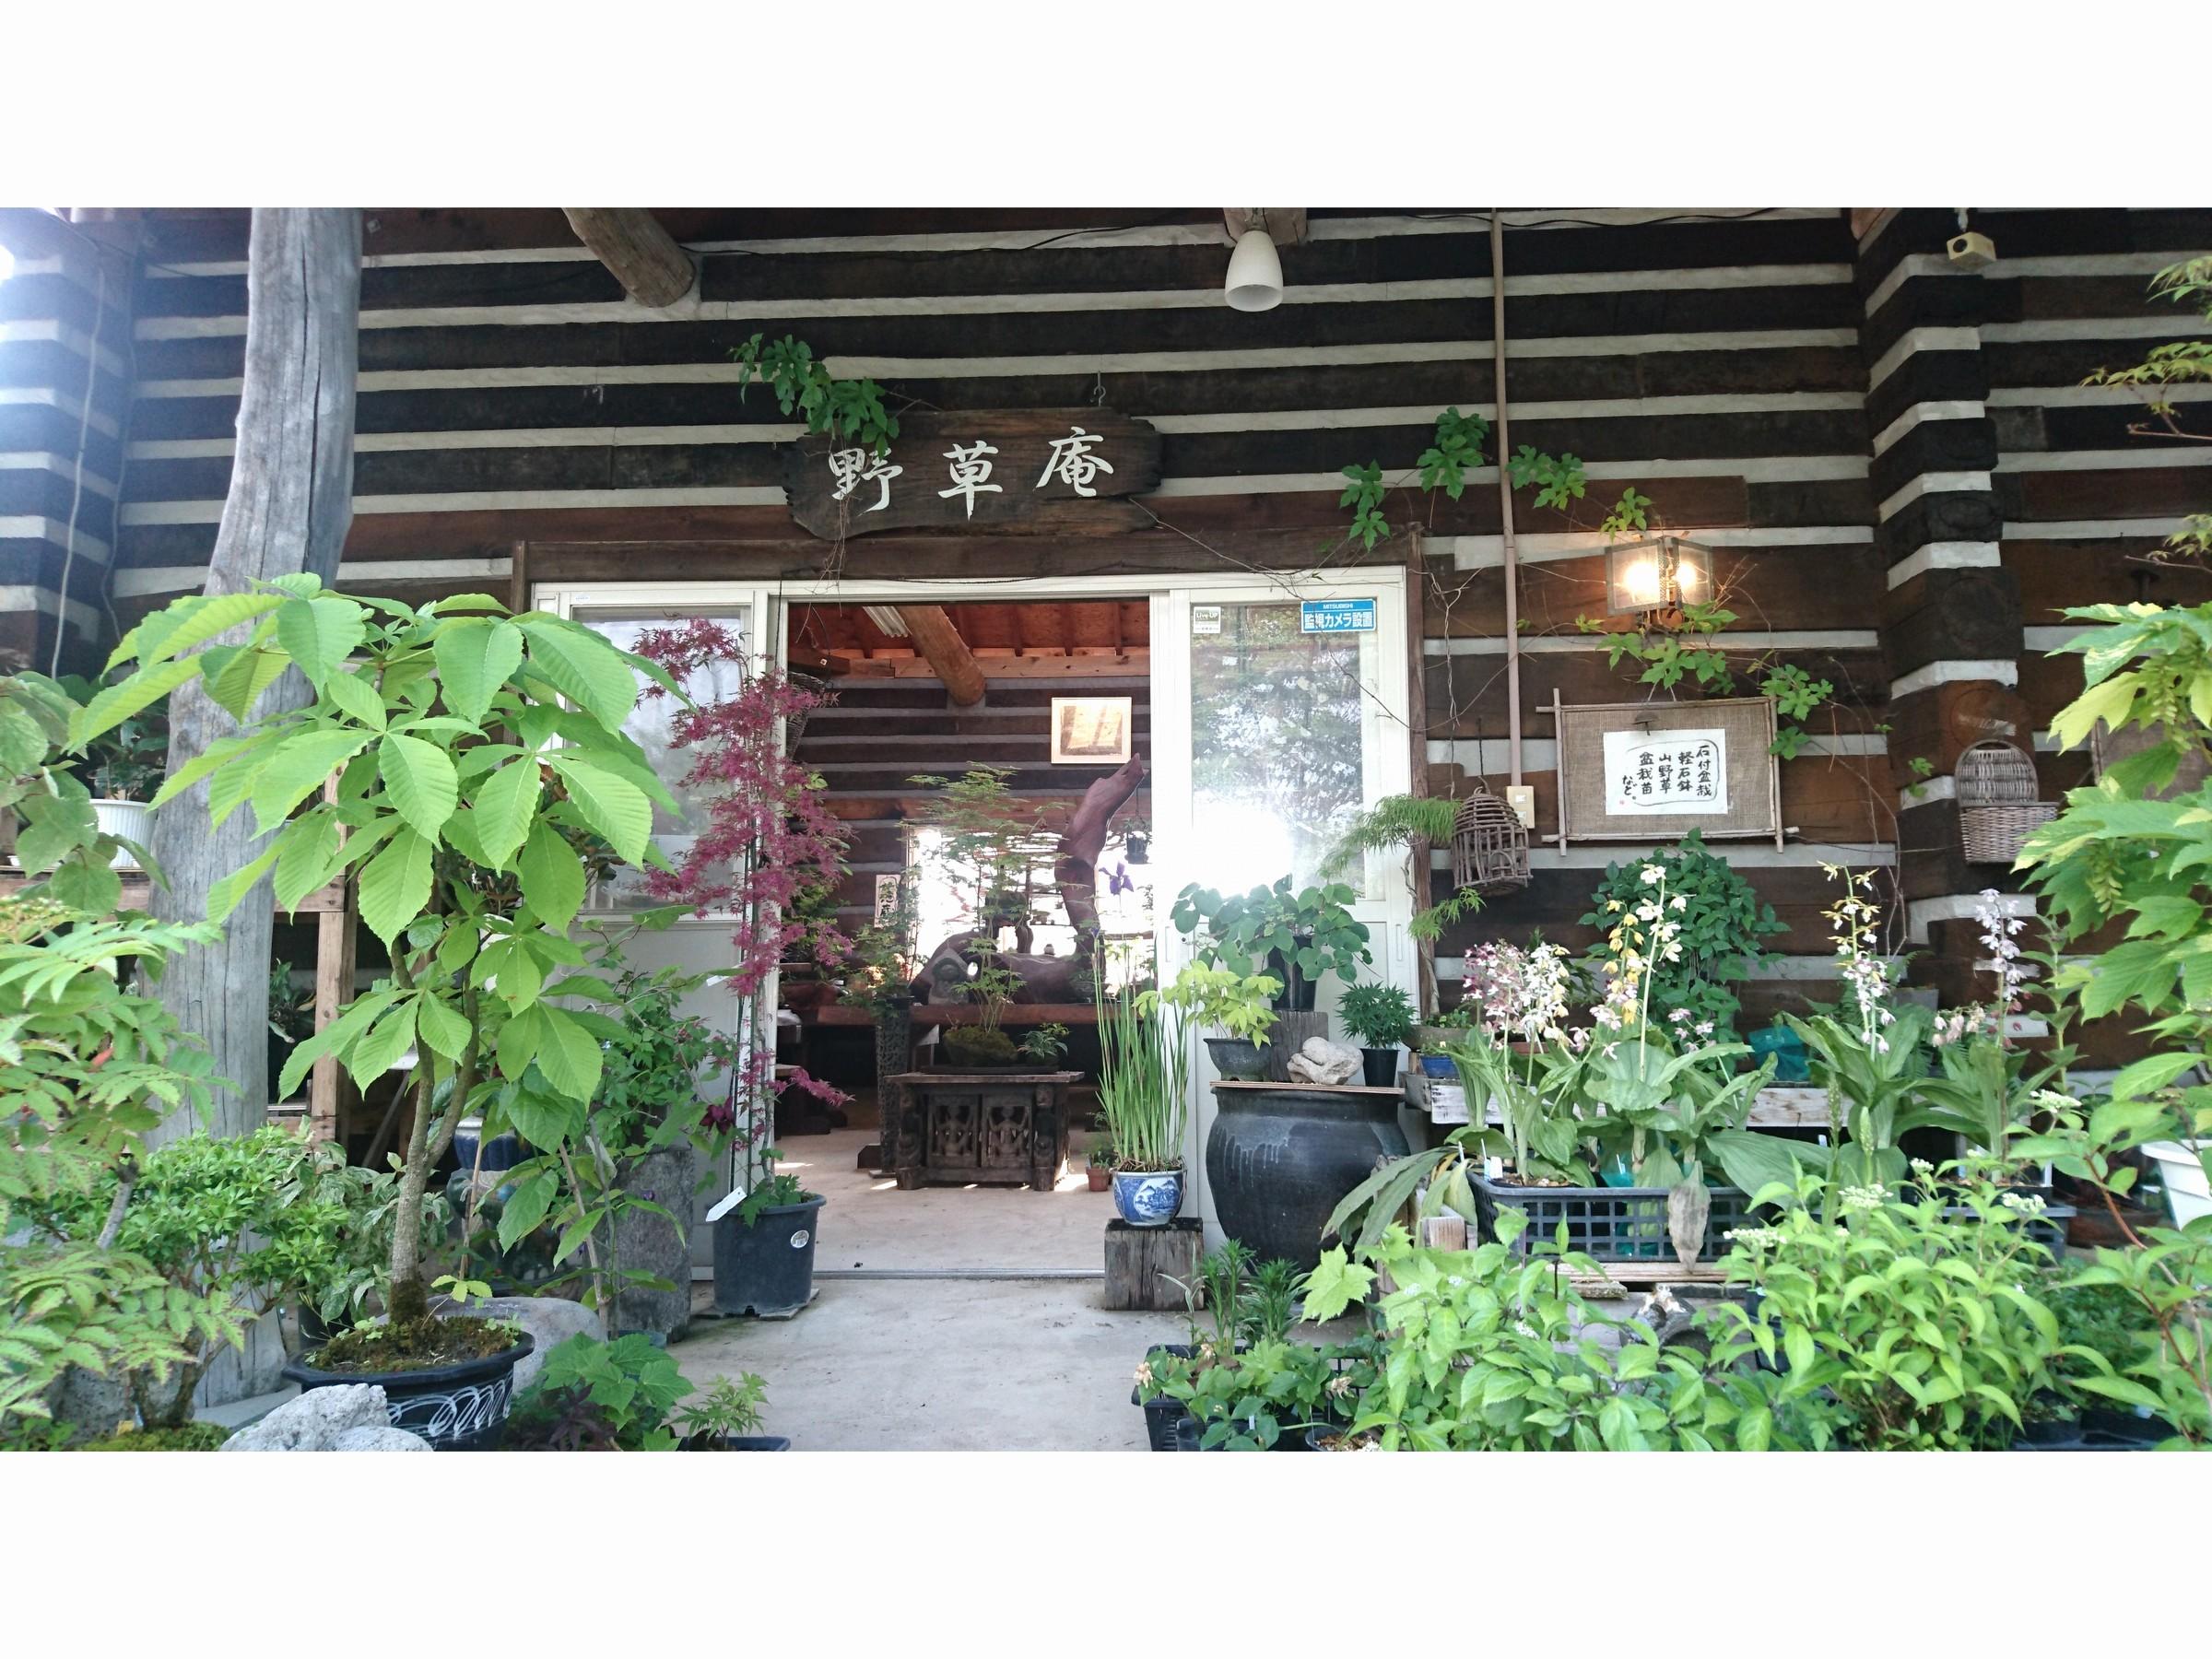 ちょっとおしゃれな手作り盆栽★手作りの軽石鉢を使った石付盆栽の体験教室♪